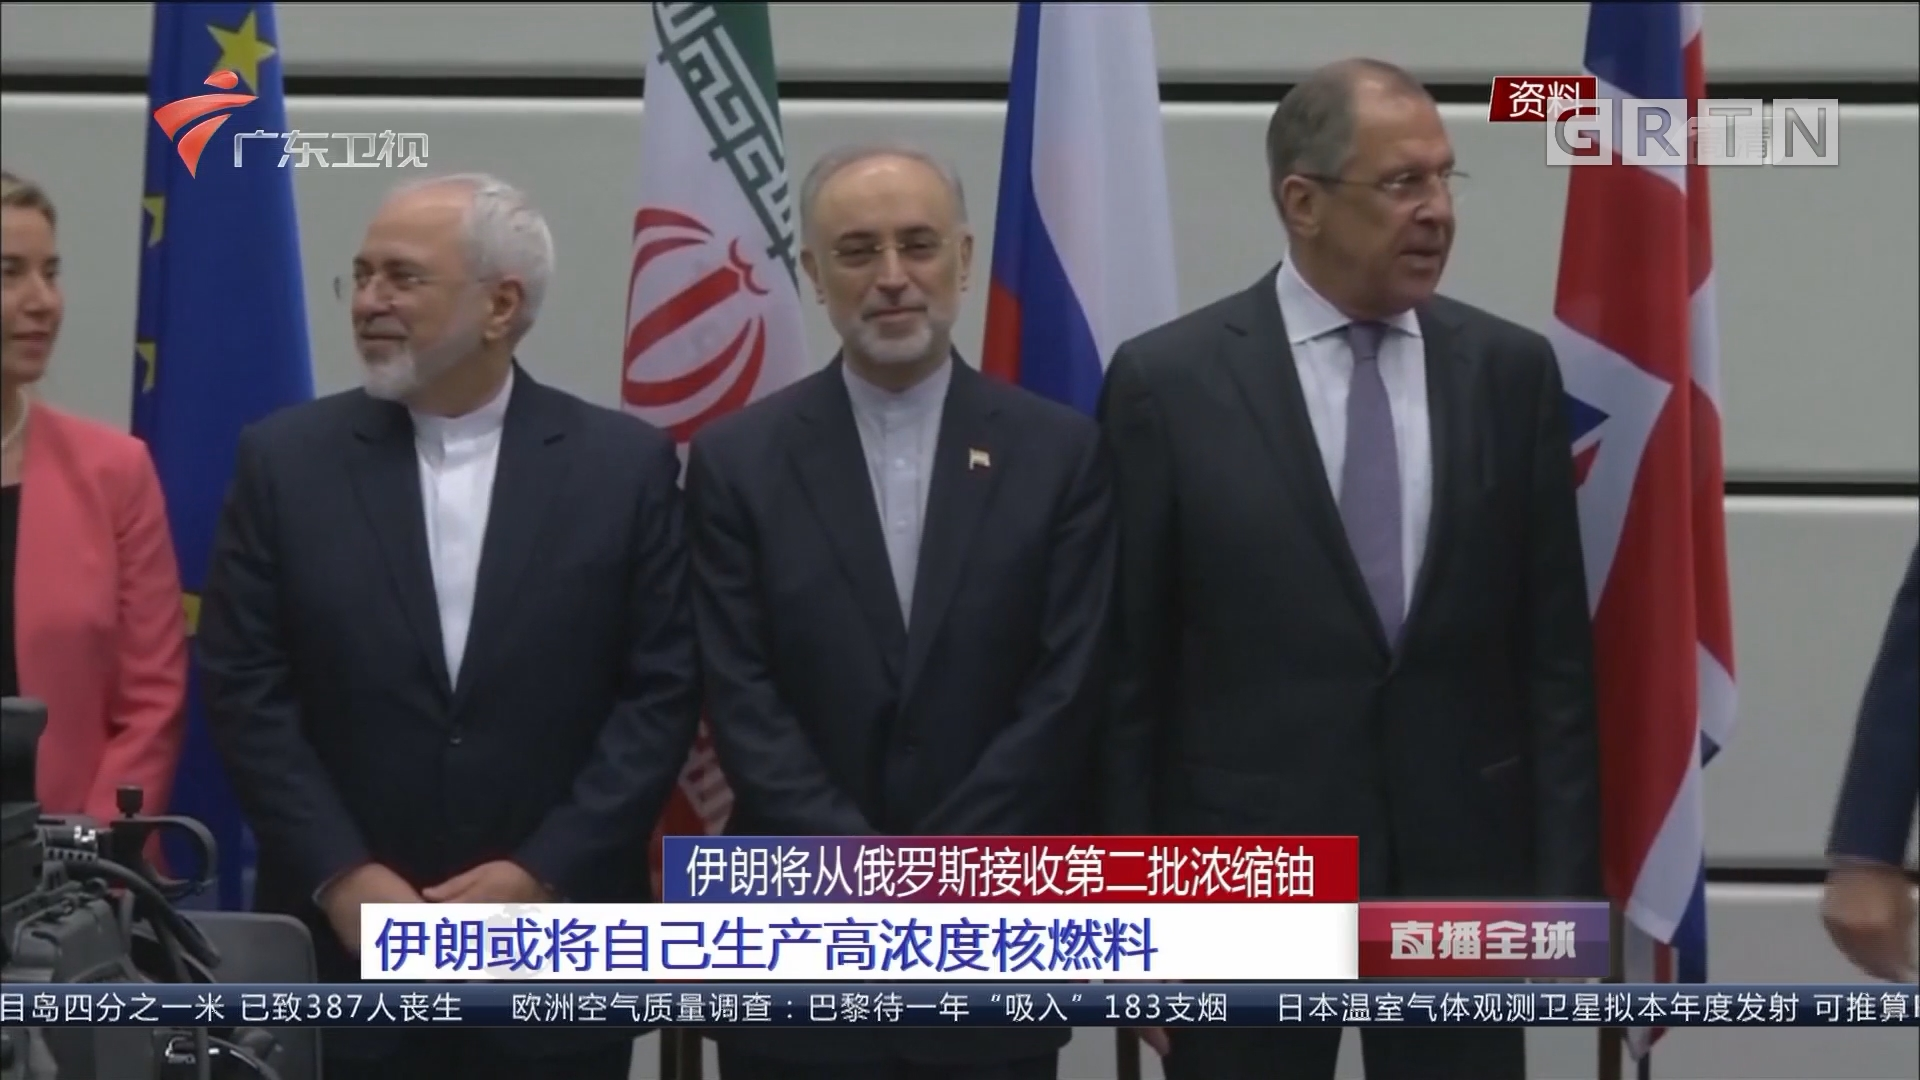 伊朗将从俄罗斯接收第二批浓缩铀:伊朗或将自己生产高浓度核燃料